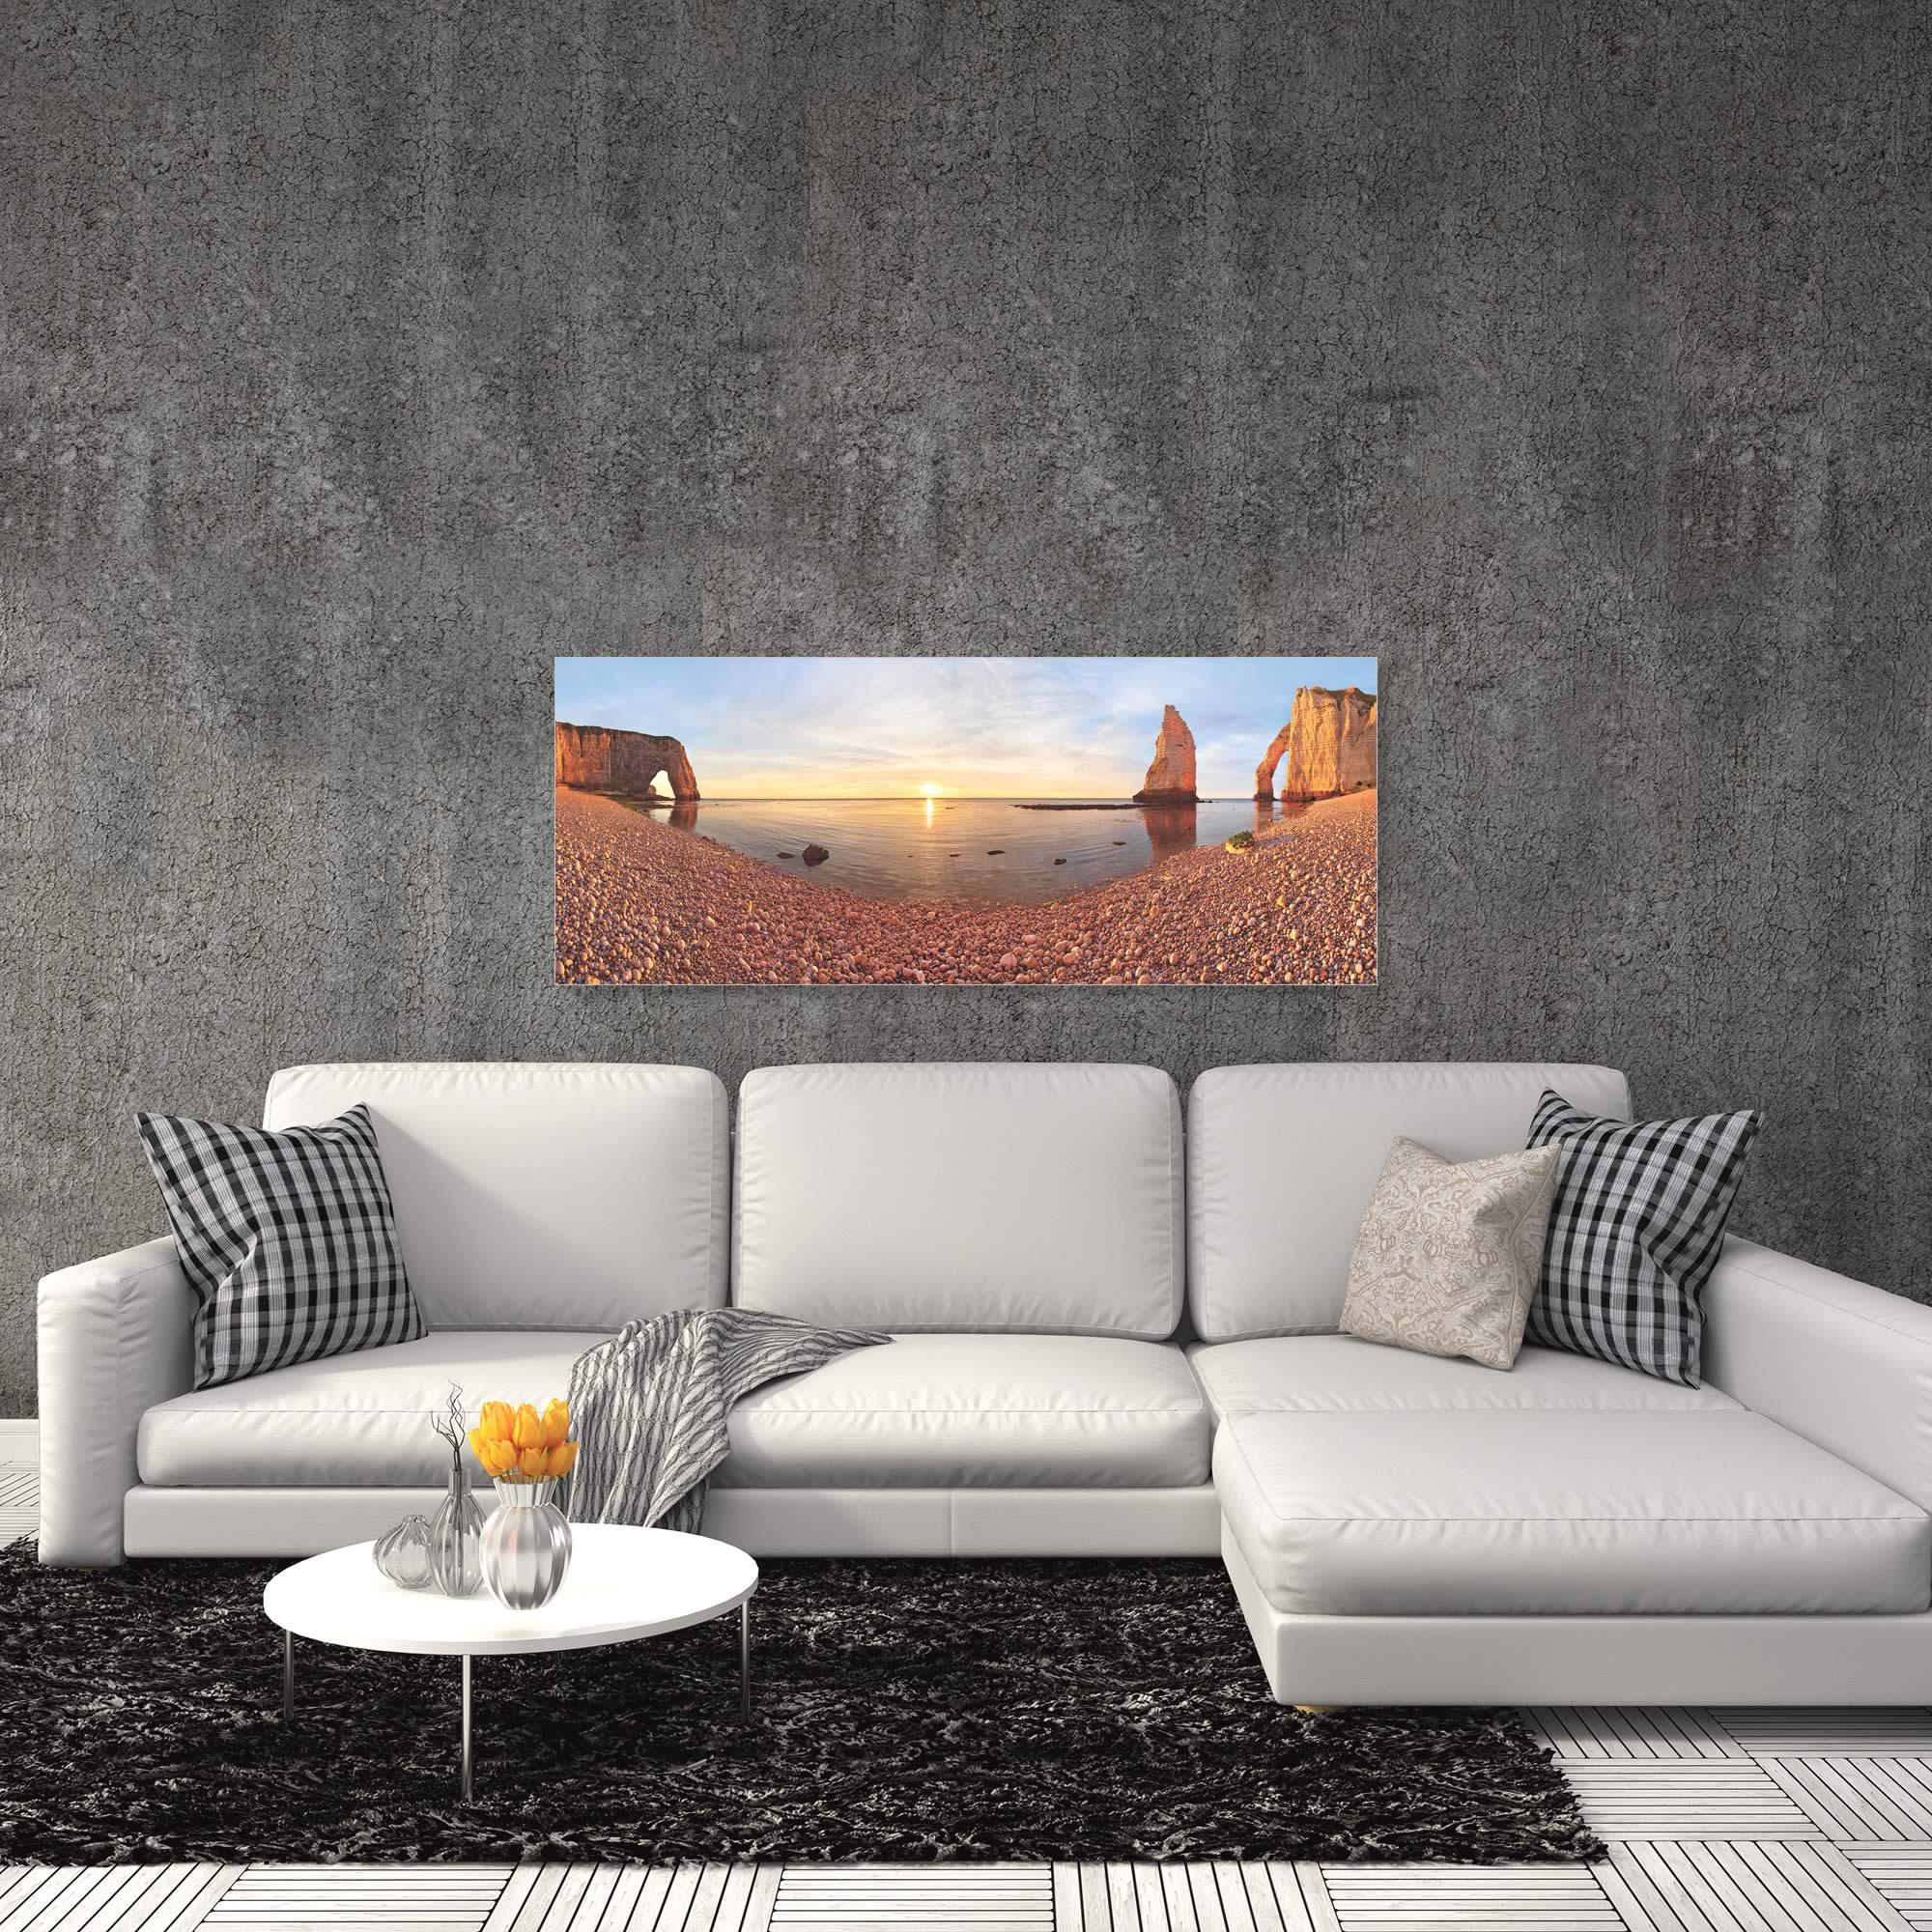 Desert Lake by Valeriy Shcherbina - Desert Oasis Art on Metal or Acrylic - Alternate View 1